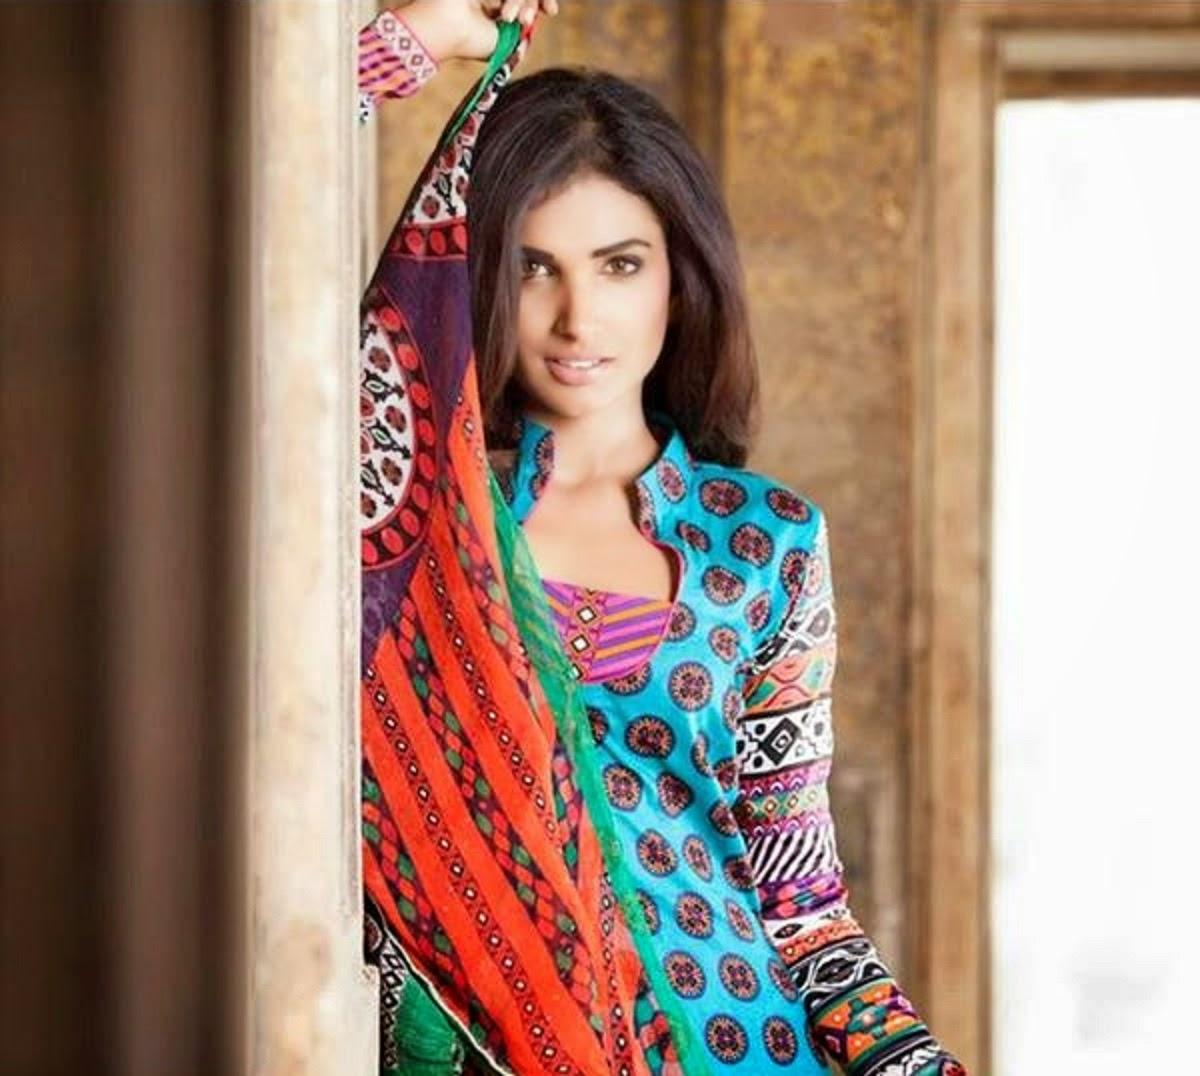 Beautiful Amna Ilyas HD Wallpaper